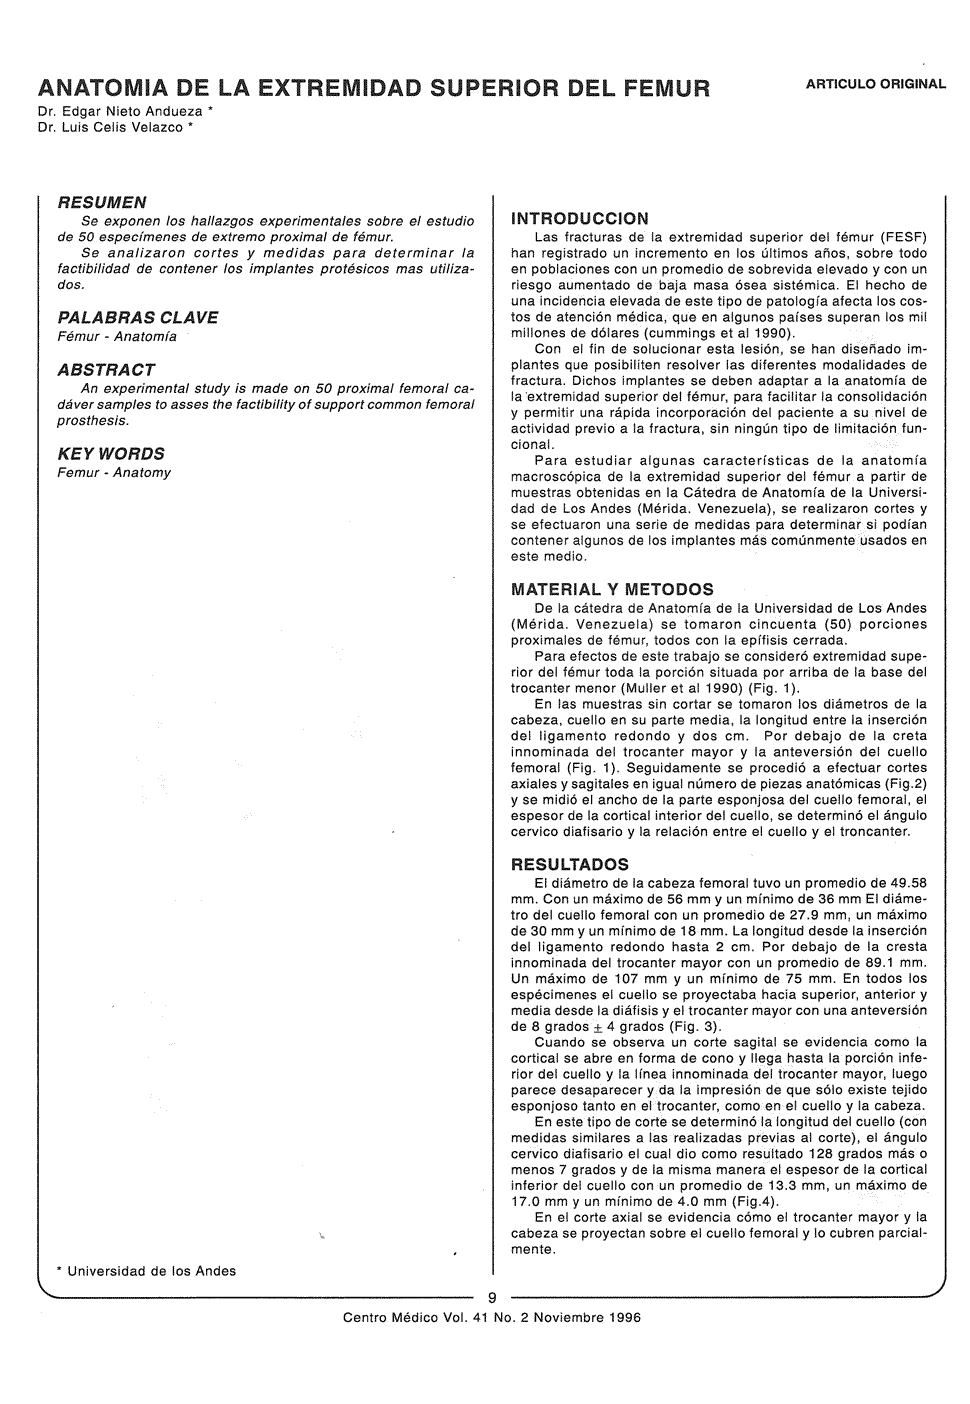 Anatomía de la extremidad superior del fémur